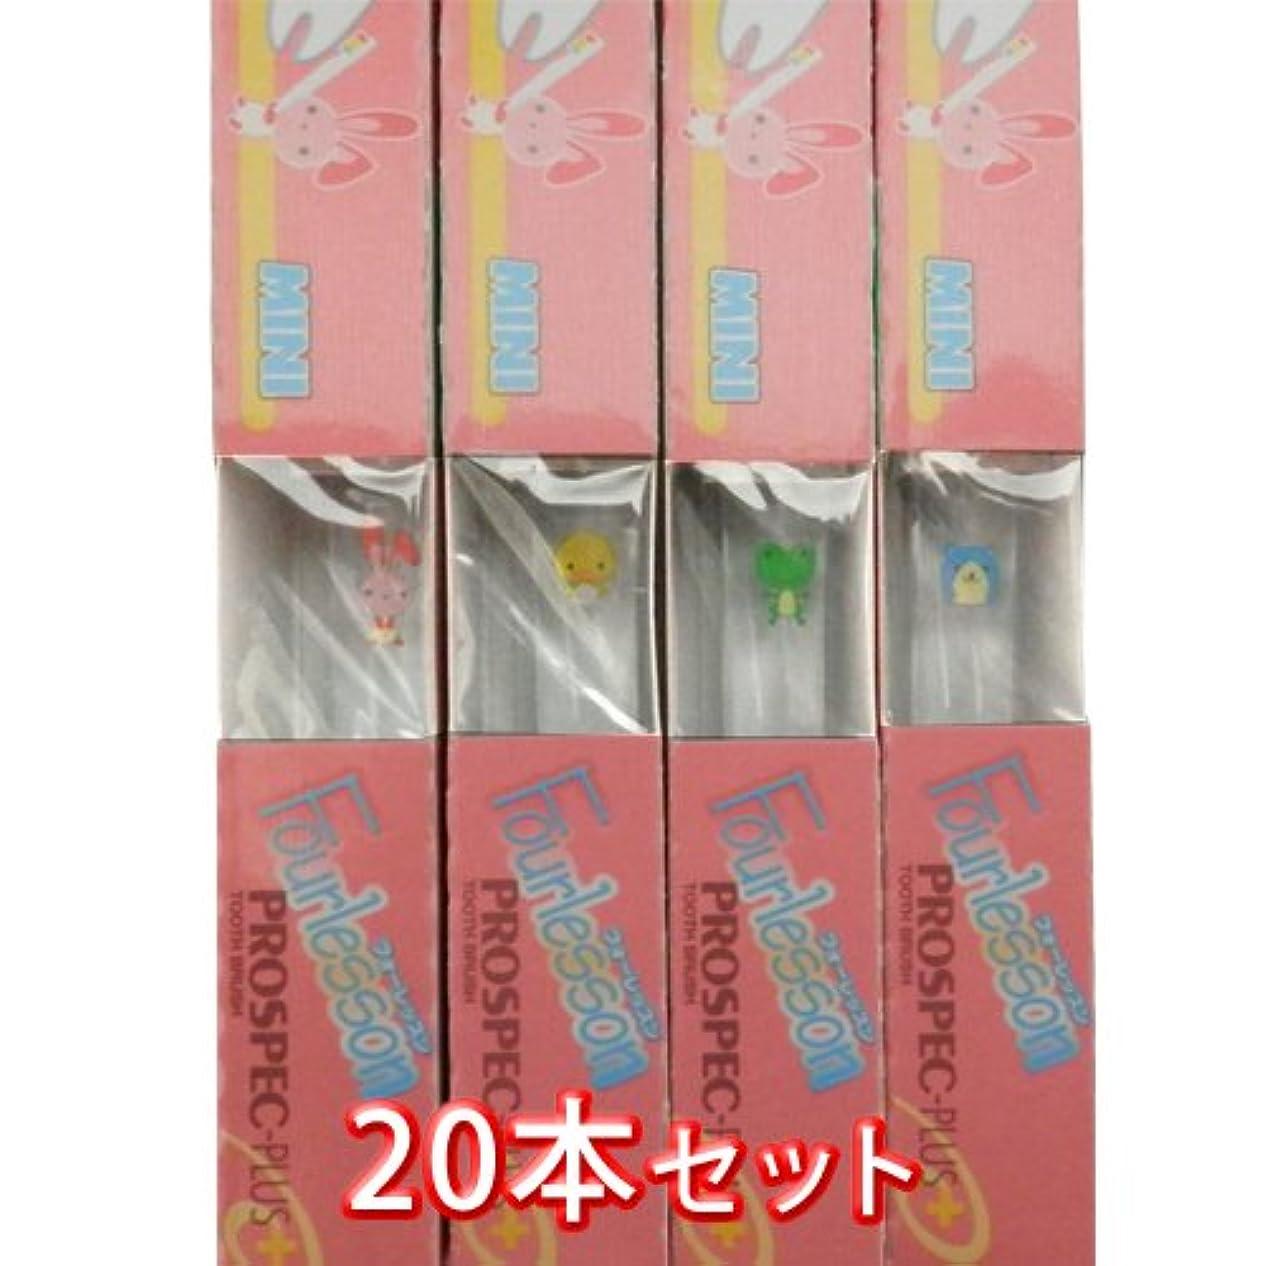 ダルセット風味支出プロスペック プラス フォーレッスン ミニ 歯ブラシ 20本入